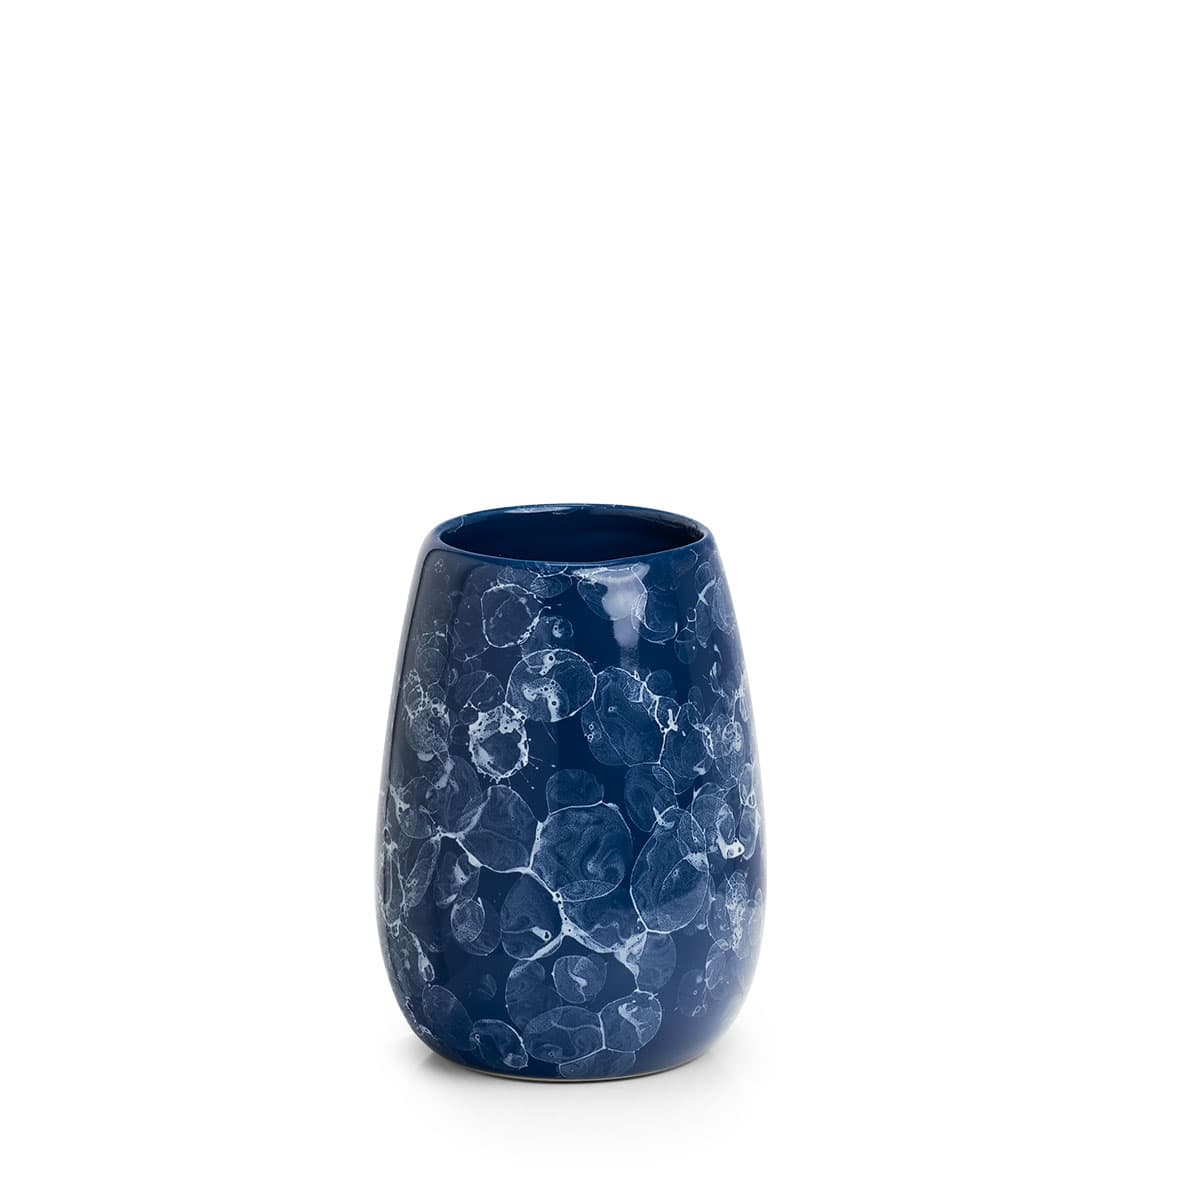 Pahar pentru periuta de dinti, din ceramica, Rare Bleumarin, Ø8,5xH11,5 cm imagine